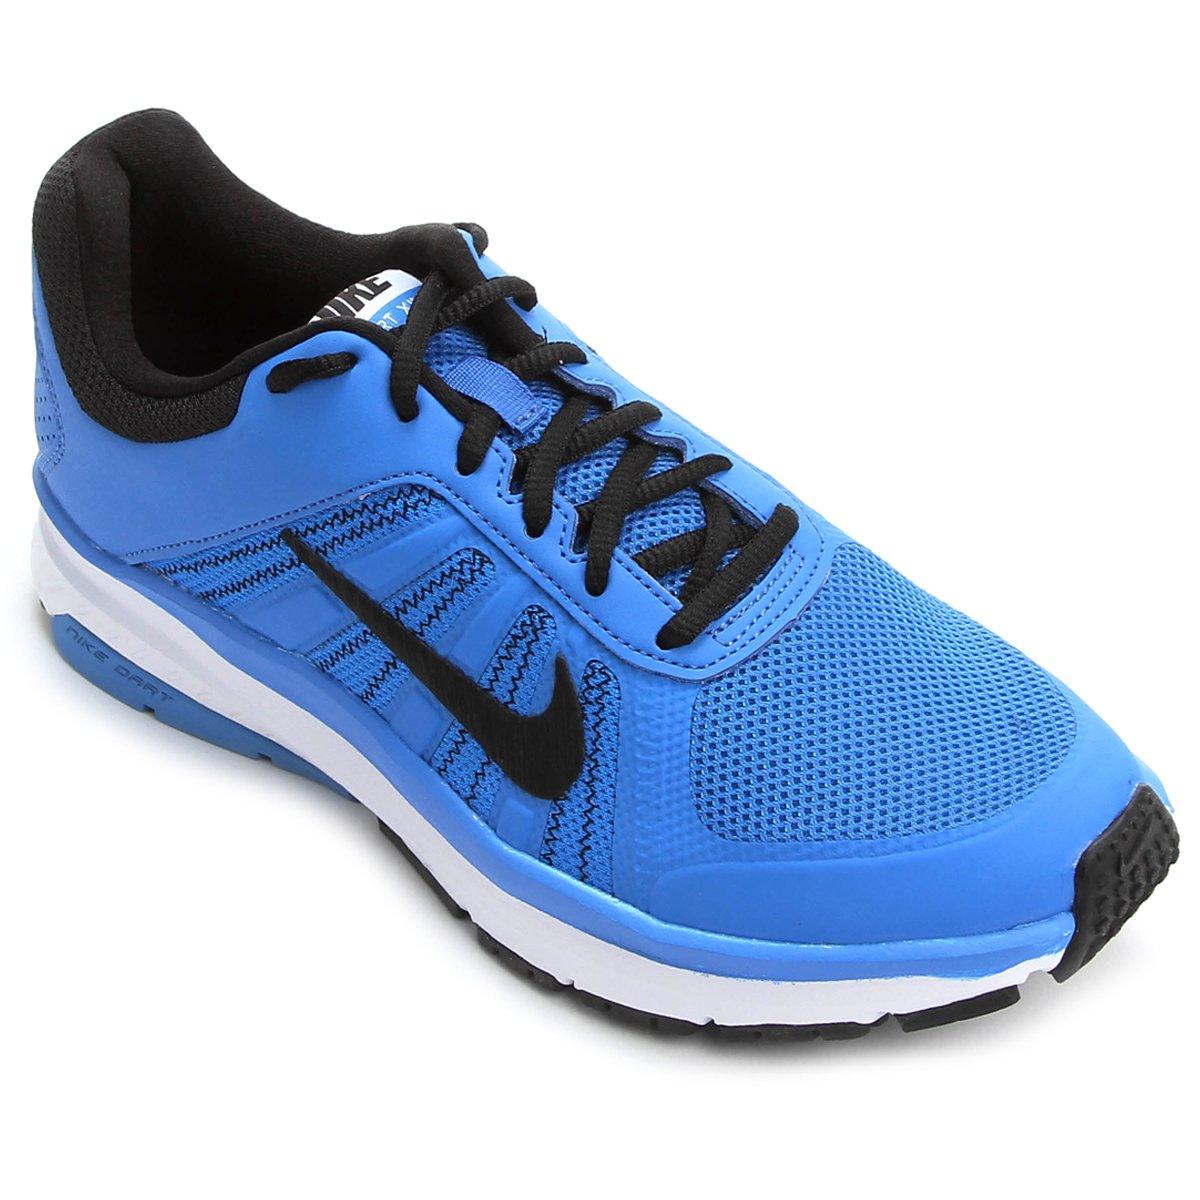 b460498d31c Tênis Nike Dart 12 MSL Masculino - Azul e Preto - Compre Agora ...